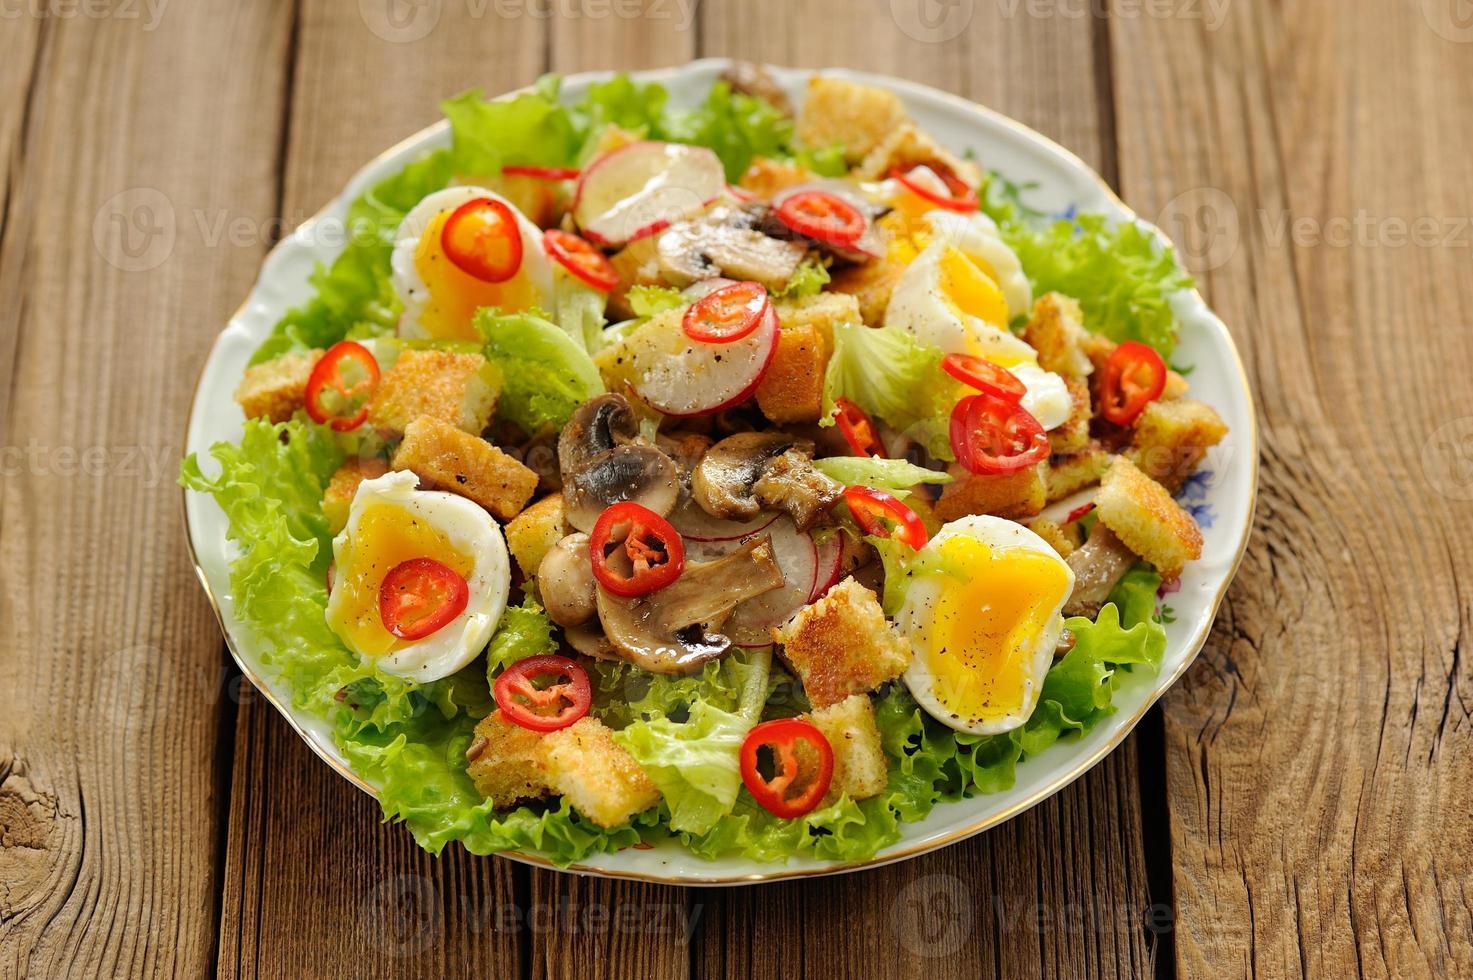 Caesar salade met champignons, eieren, chili en radijs op houten foto